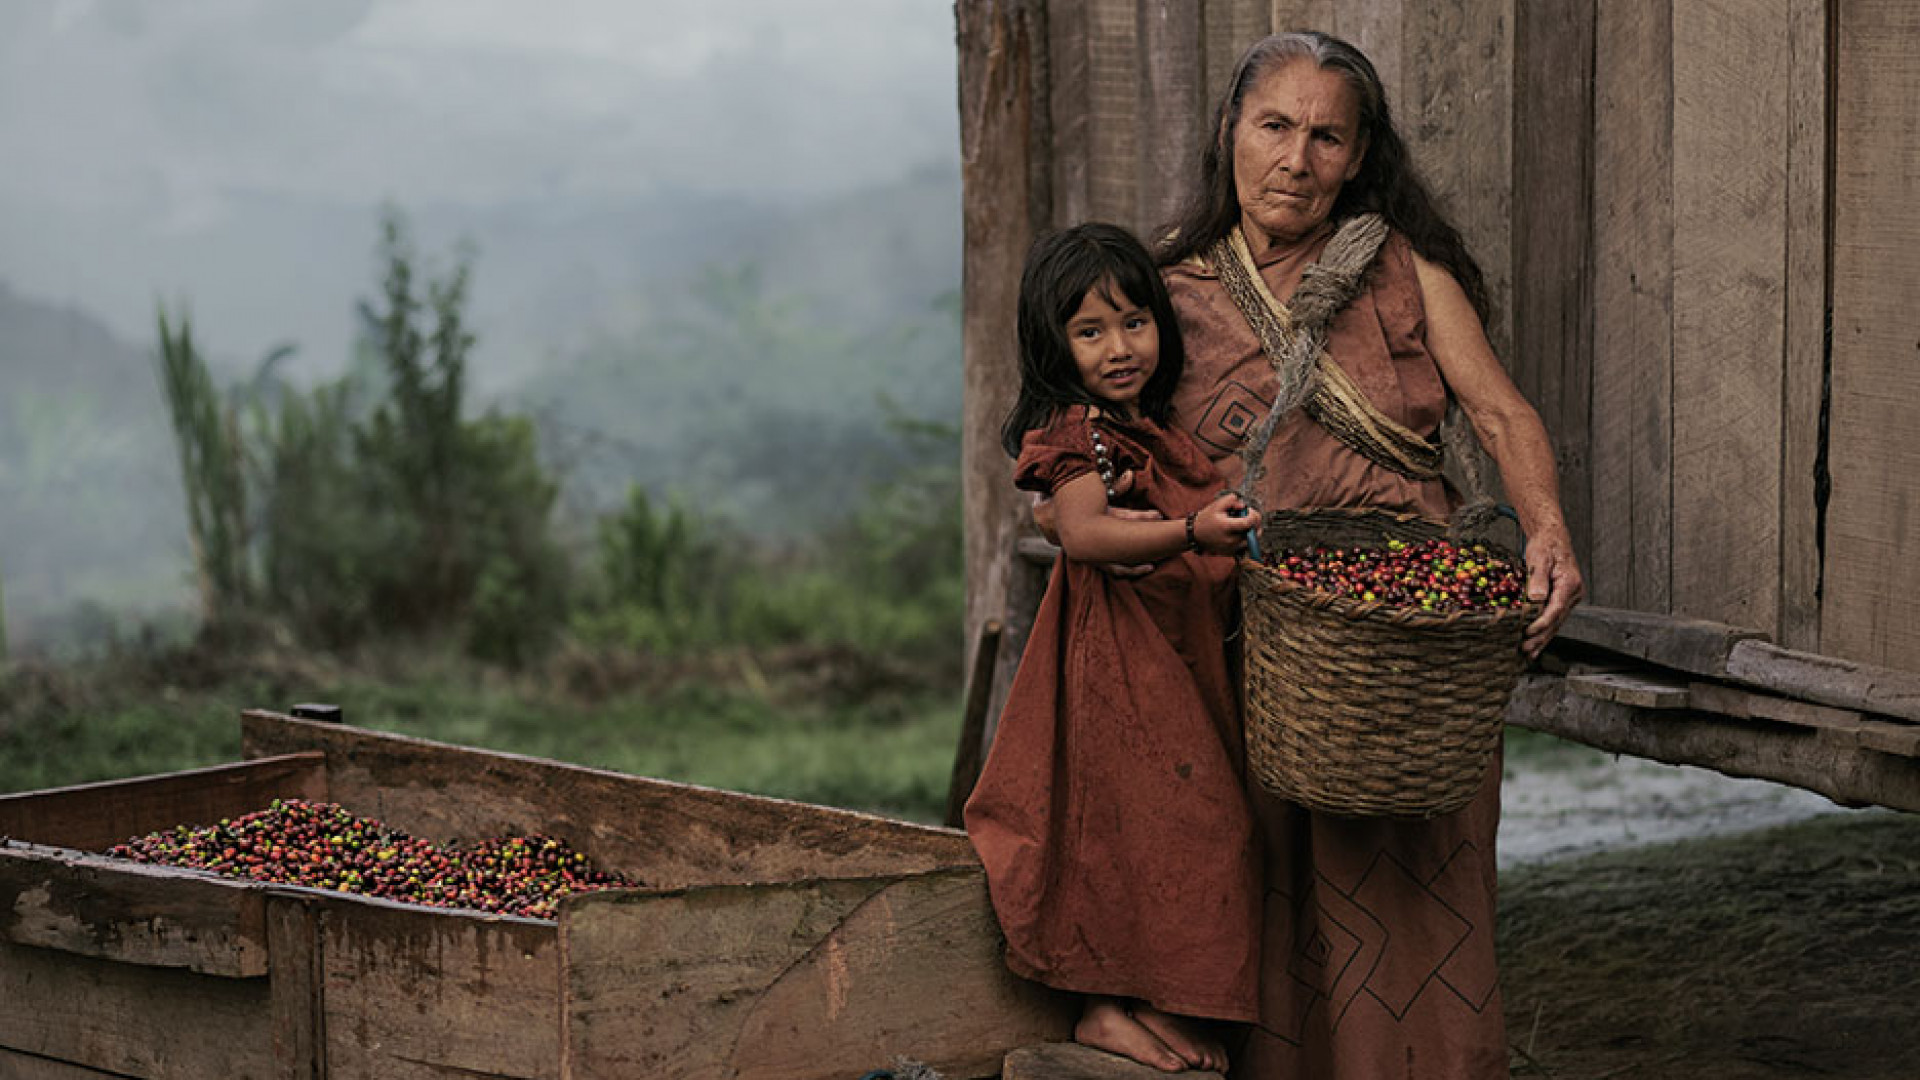 A farmer holds her daughter in Peru